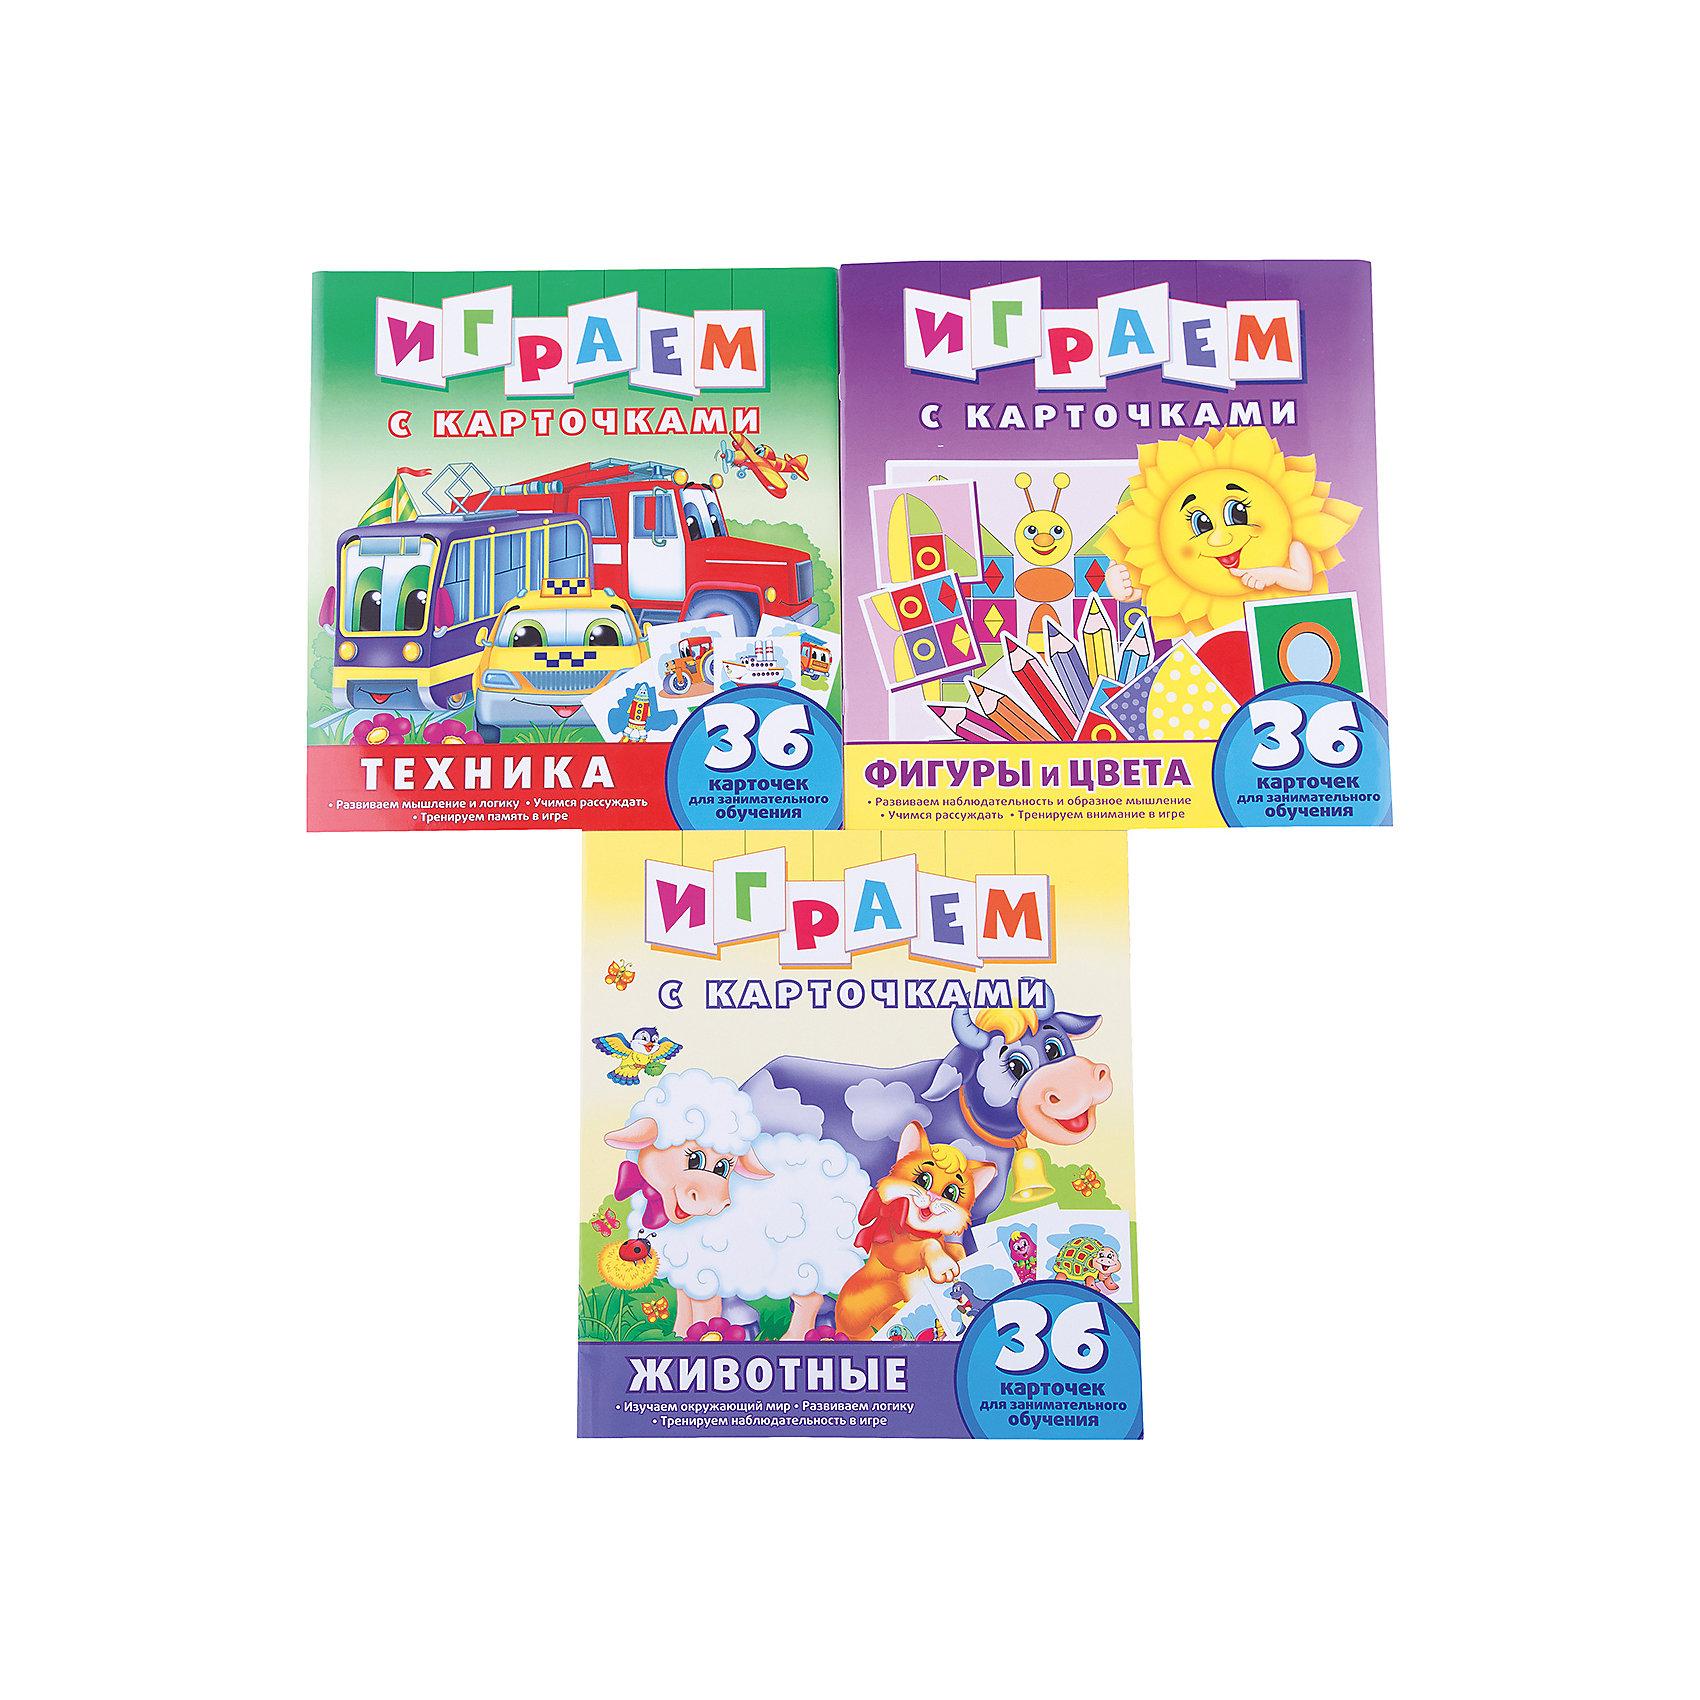 Играем с карточками, комплект из 3 книгОбучающие карточки<br><br><br>Ширина мм: 240<br>Глубина мм: 6<br>Высота мм: 260<br>Вес г: 300<br>Возраст от месяцев: 36<br>Возраст до месяцев: 2147483647<br>Пол: Унисекс<br>Возраст: Детский<br>SKU: 6910524